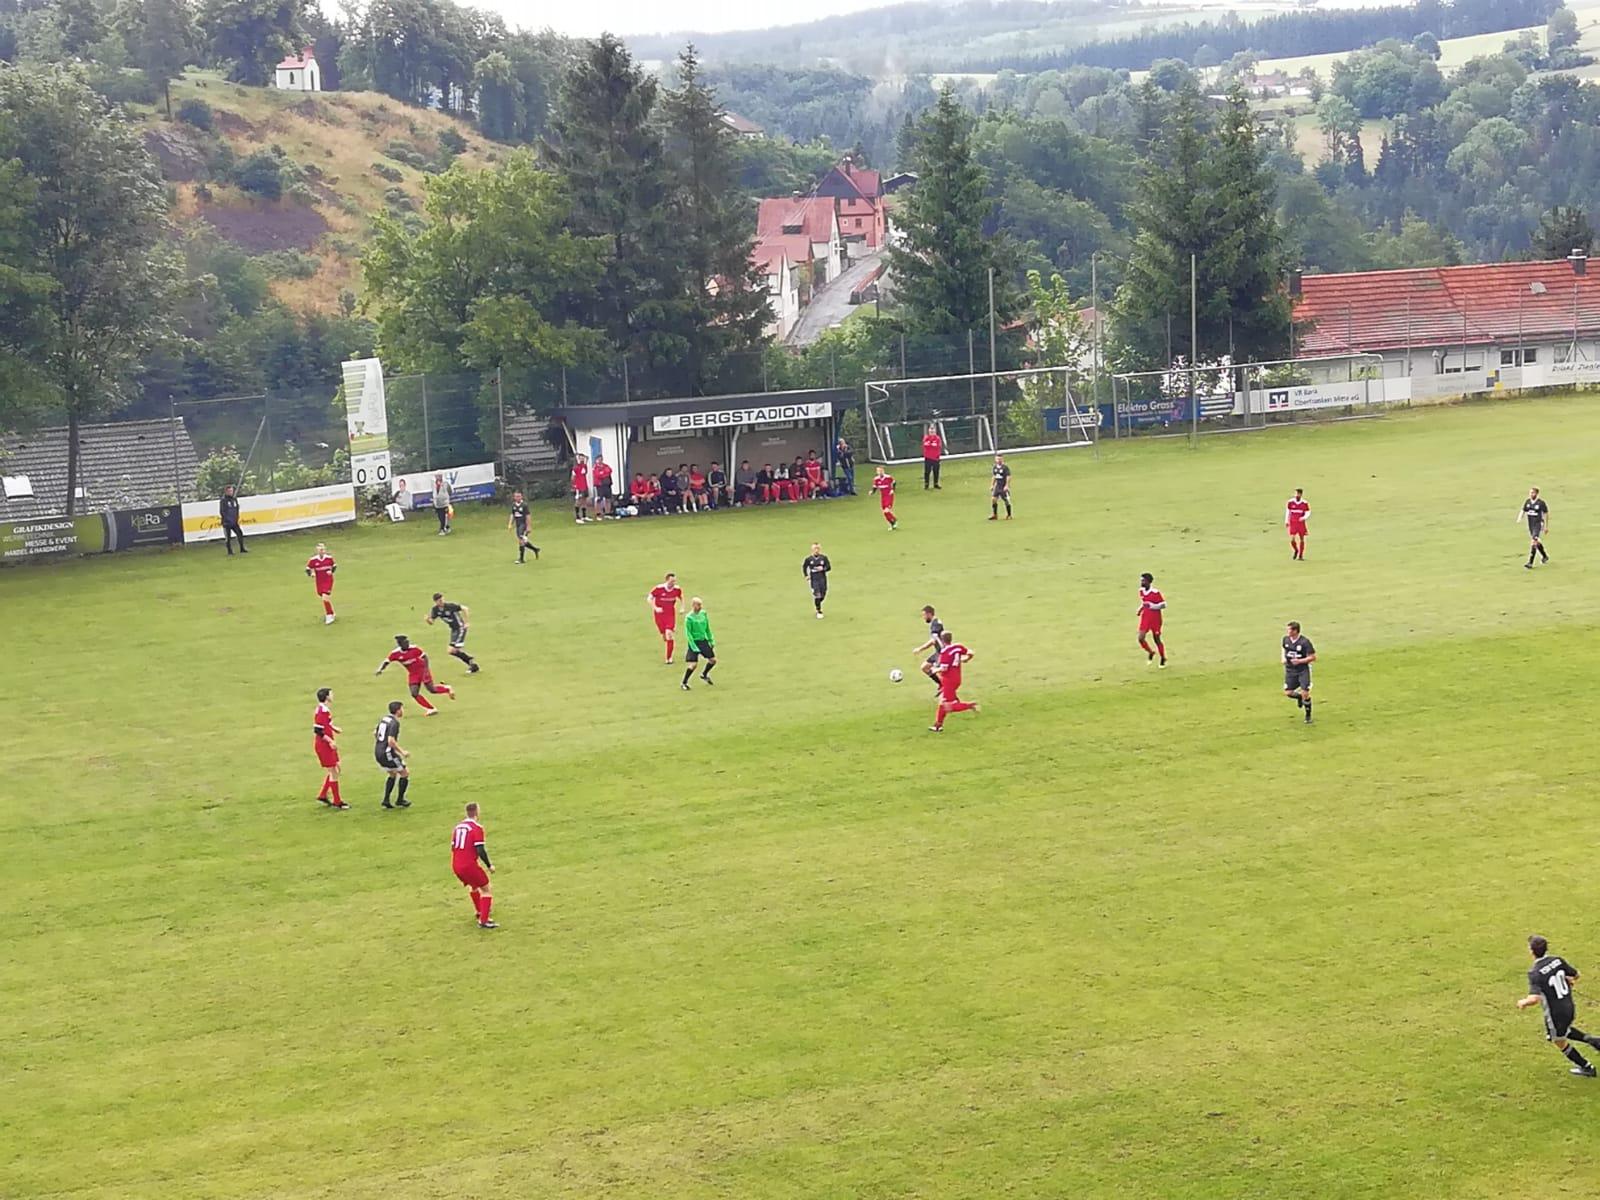 Der VfB siegt beim Sportfest in Wartenfels!